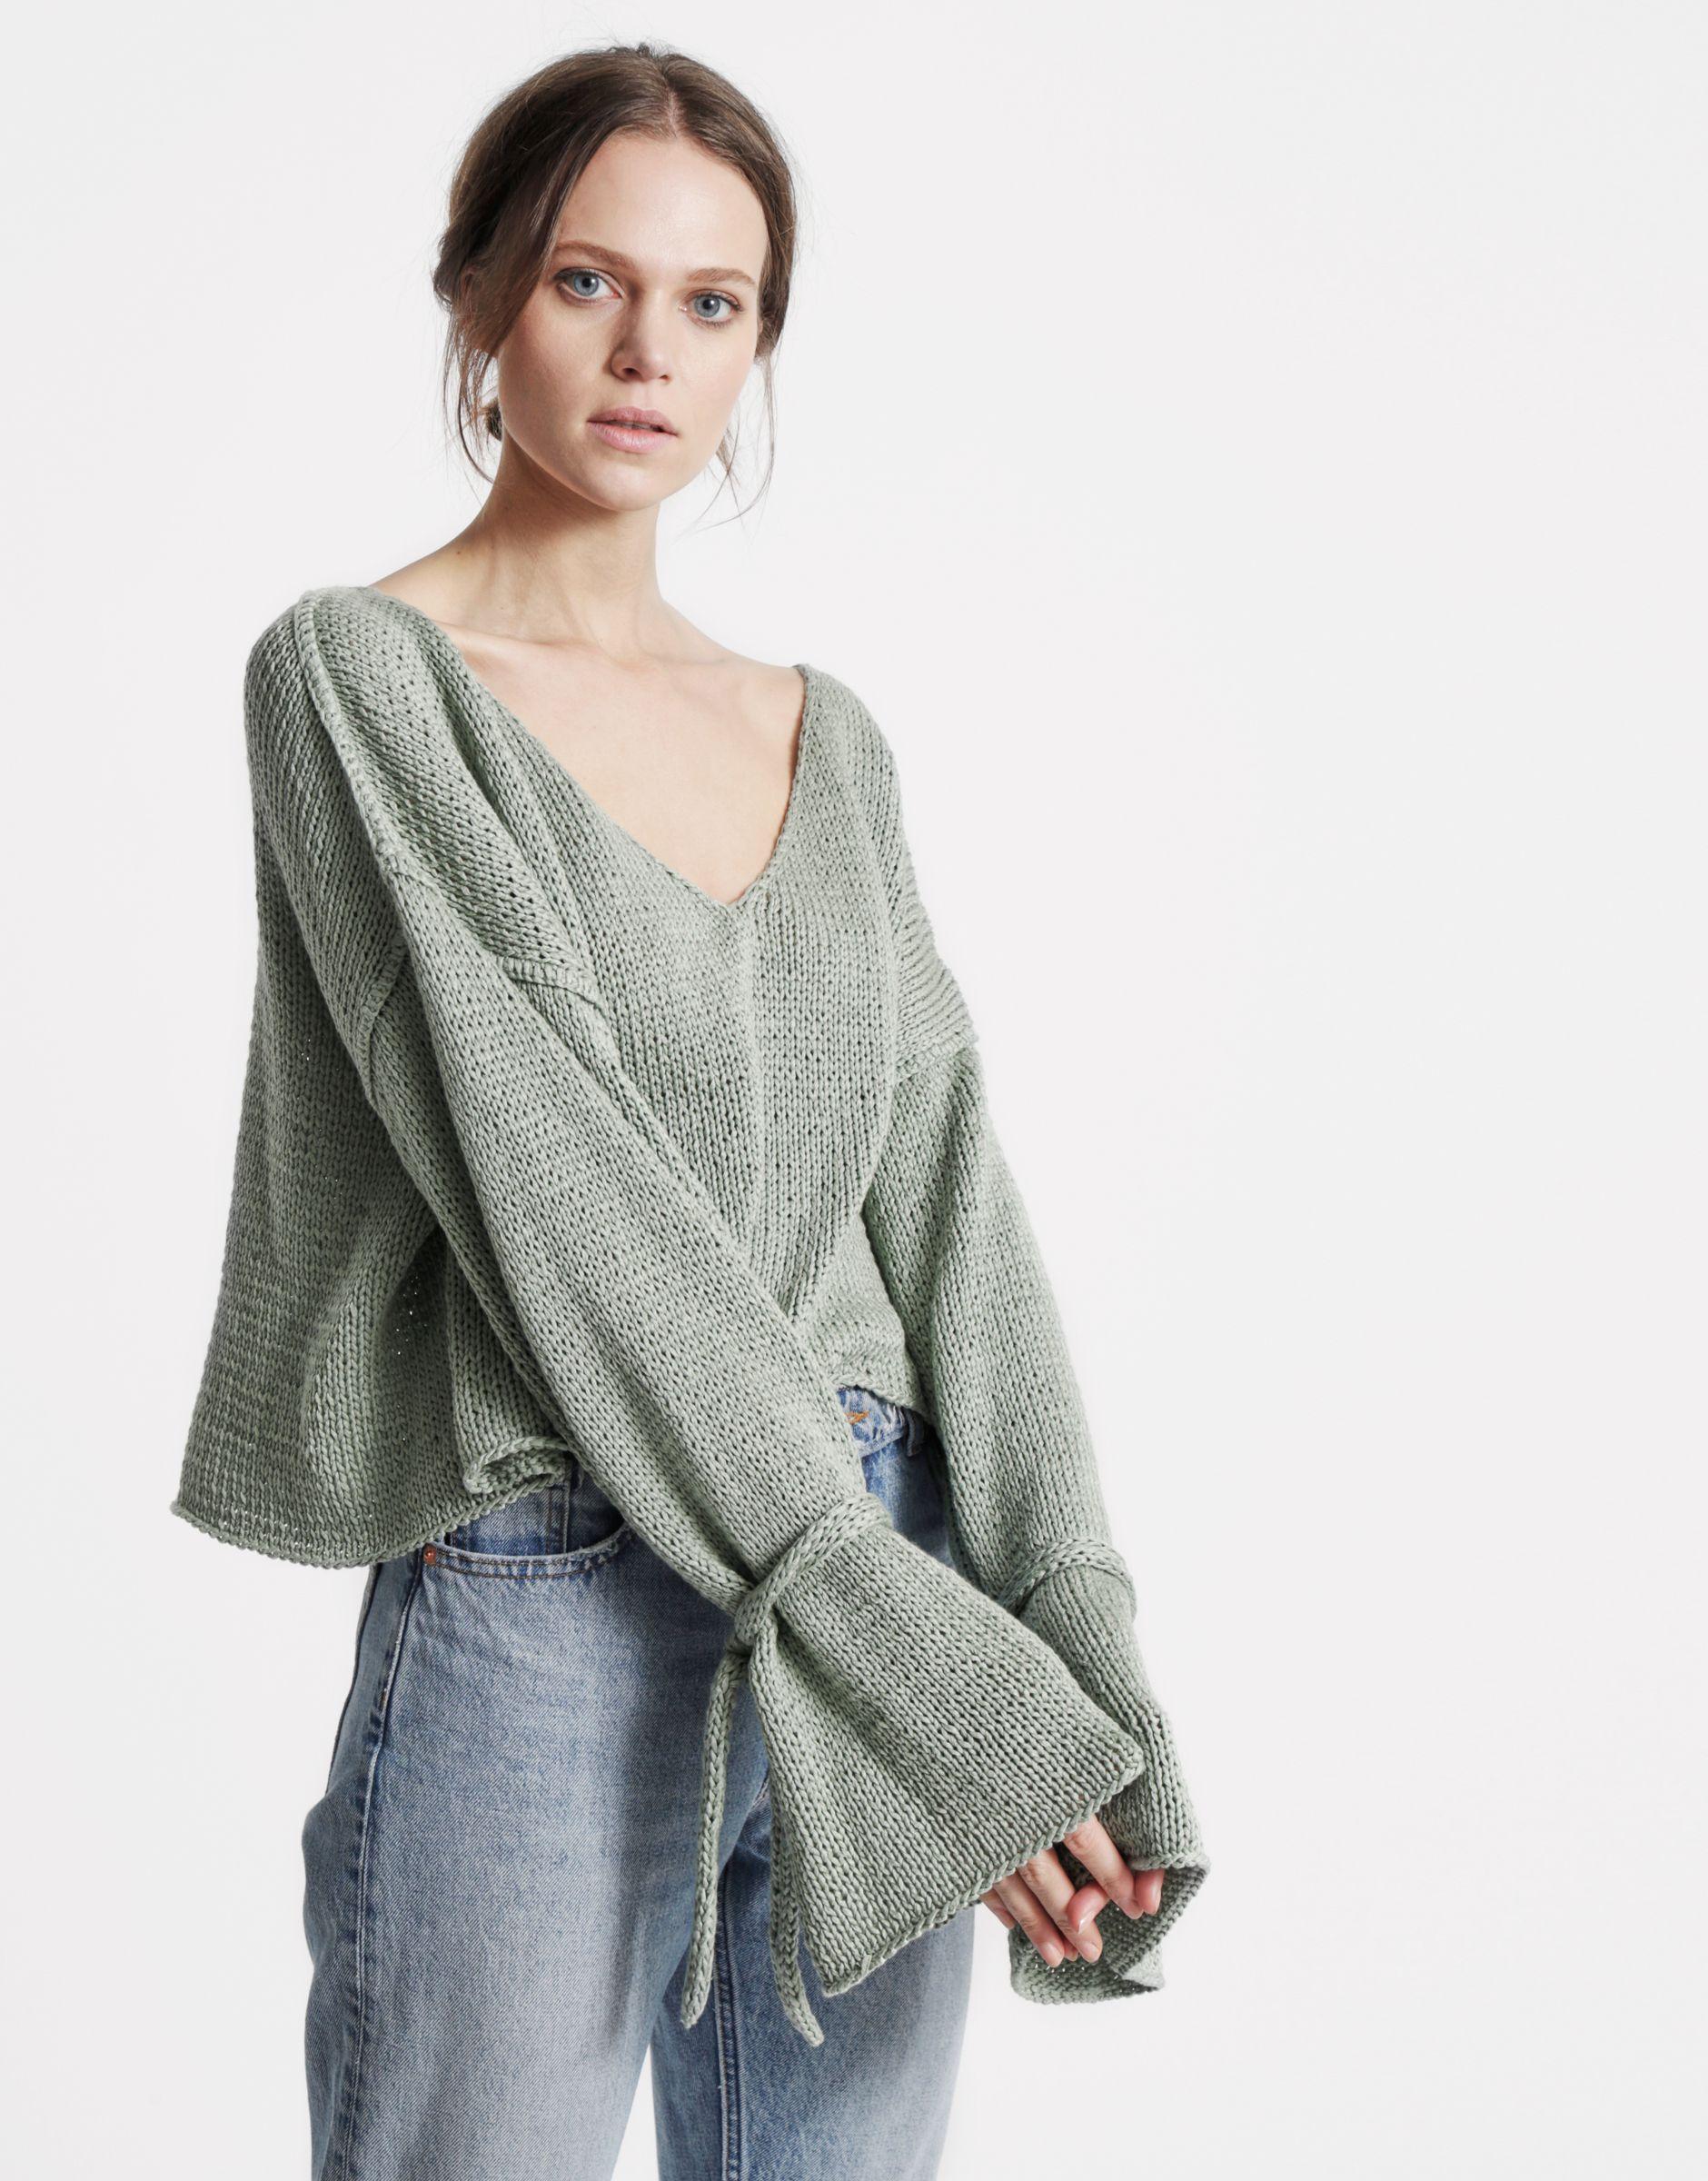 Increíble Crochet Patrón De Suéter Libre De Encogimiento Patrón ...